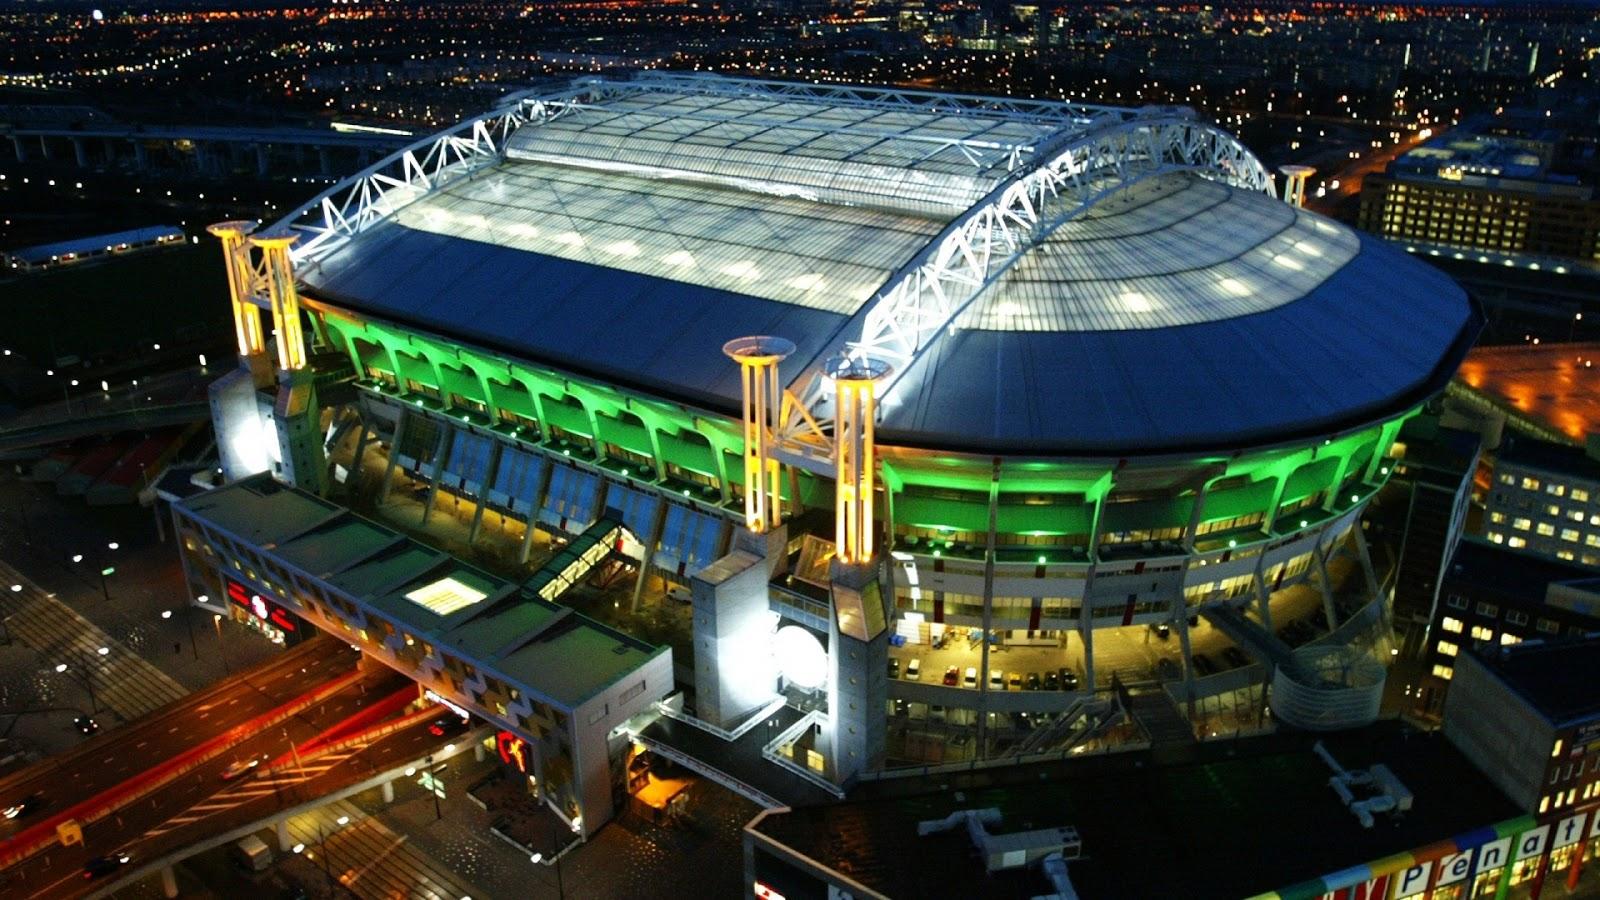 http://2.bp.blogspot.com/-i2nNIxh9Do0/UHlhyFLYNFI/AAAAAAAAFUE/FARm_bkk3Qw/s1600/amsterdam_arena-1080.jpg